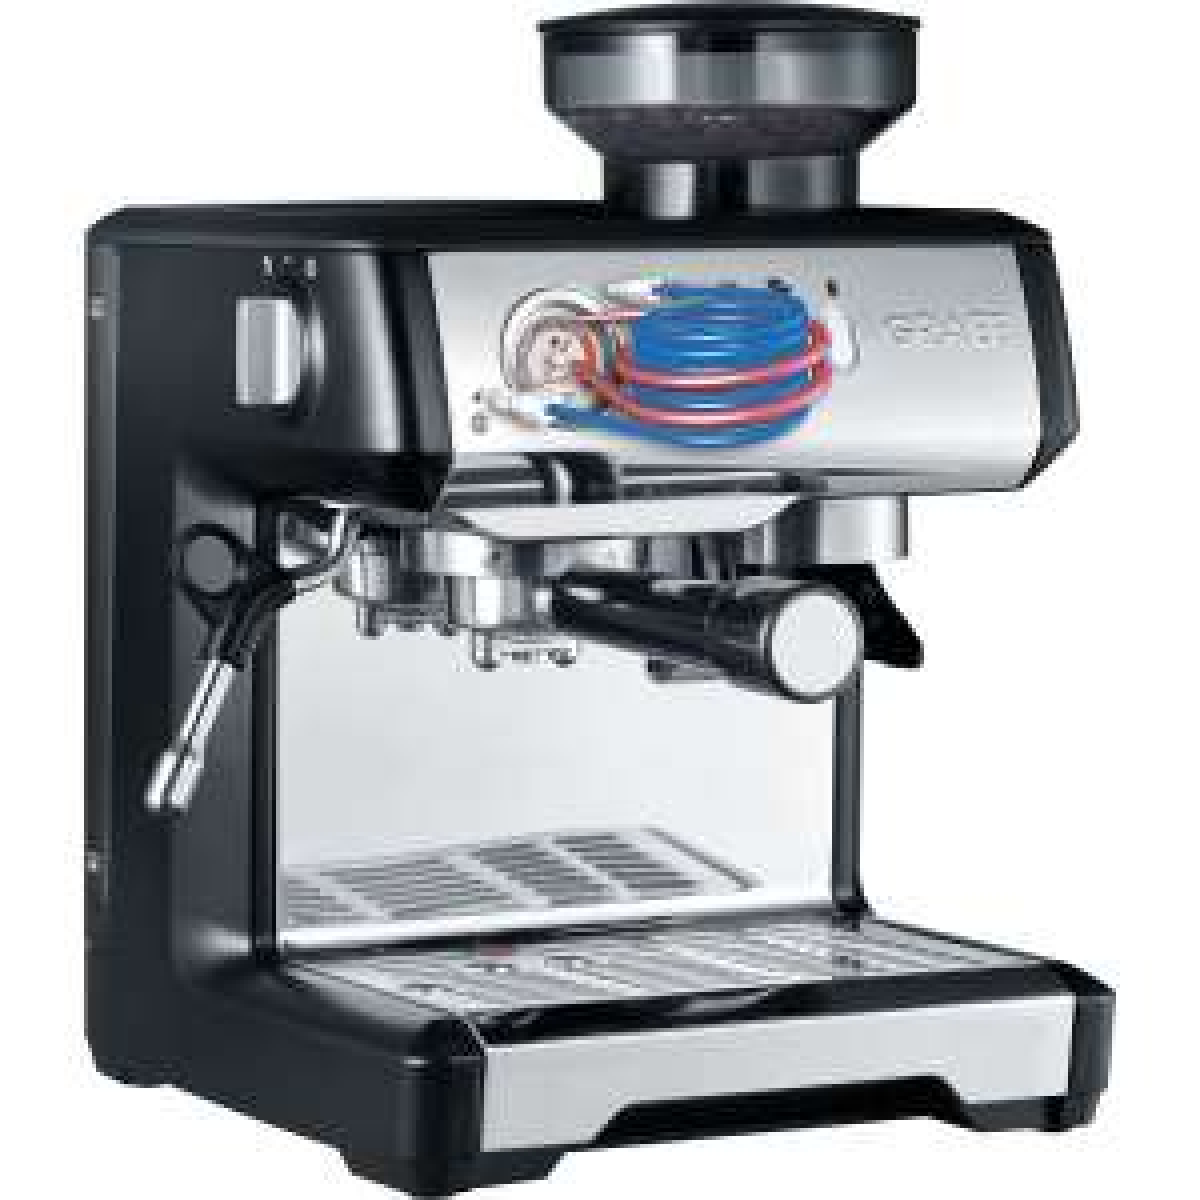 Graef ESM 802 Siebträger-Espressomaschine milegra [Galeria Kaufhof]